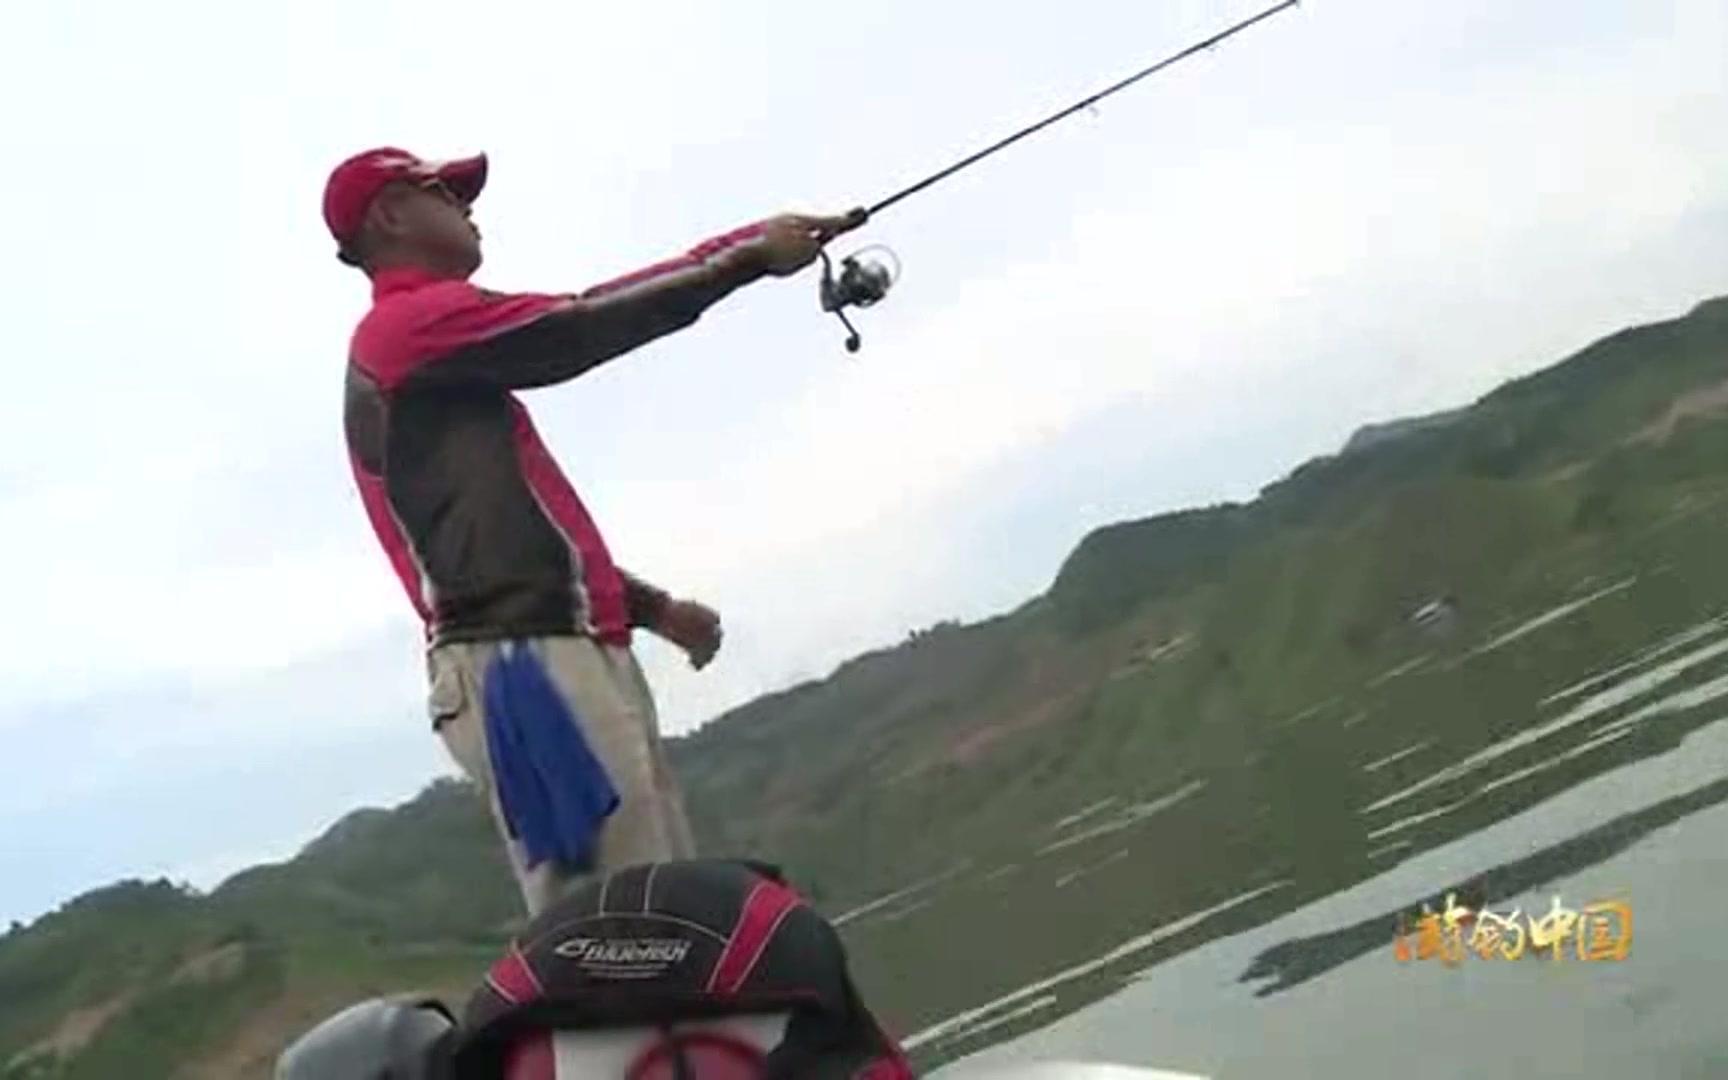 钓鱼小药的使用方法 如何自制钓鱼小药 中草药钓鱼配方